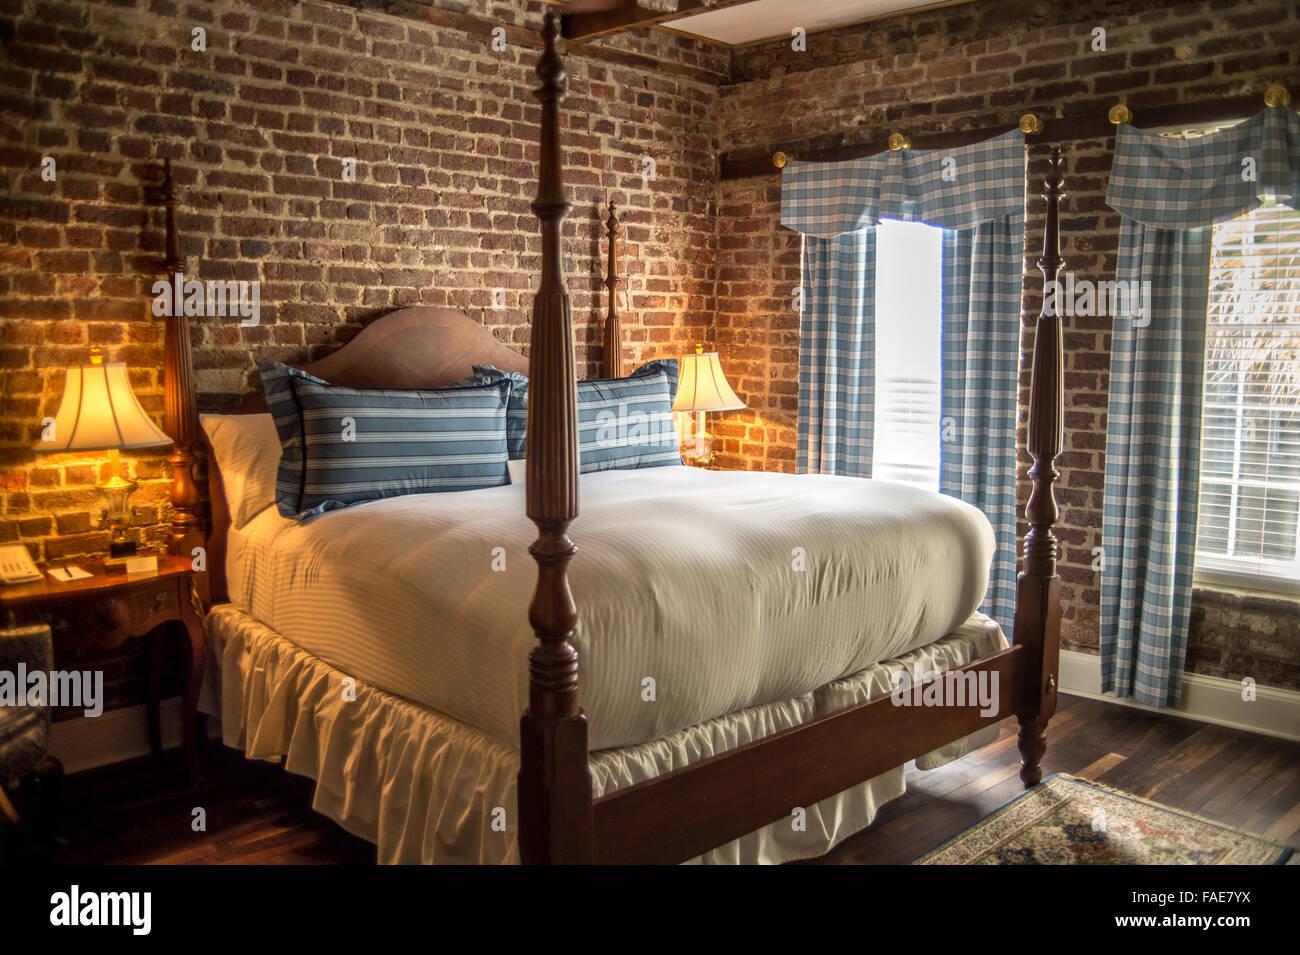 Bedroom in a B&B in Charleston SC Stock Photo: 92511998 - Alamy